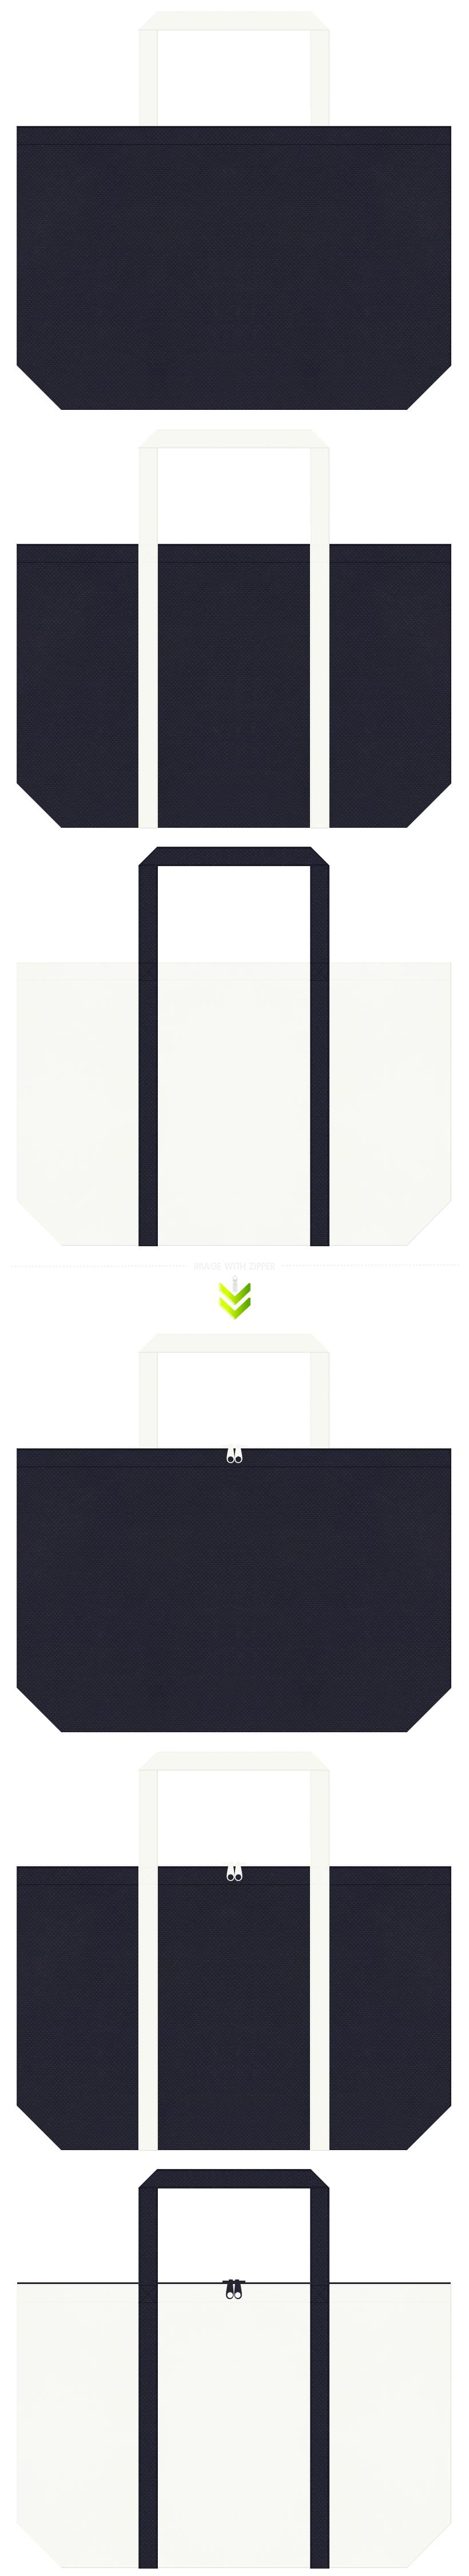 天体観測・プラネタリウム・野外コンサート・星空・天文・水産・海運・船舶・潜水艦・港湾・マリンルック・クルージング・ヨット・ボート・マリンスポーツ用品のショッピングバッグにお奨めの不織布バッグデザイン:濃紺色とオフホワイト色のコーデ